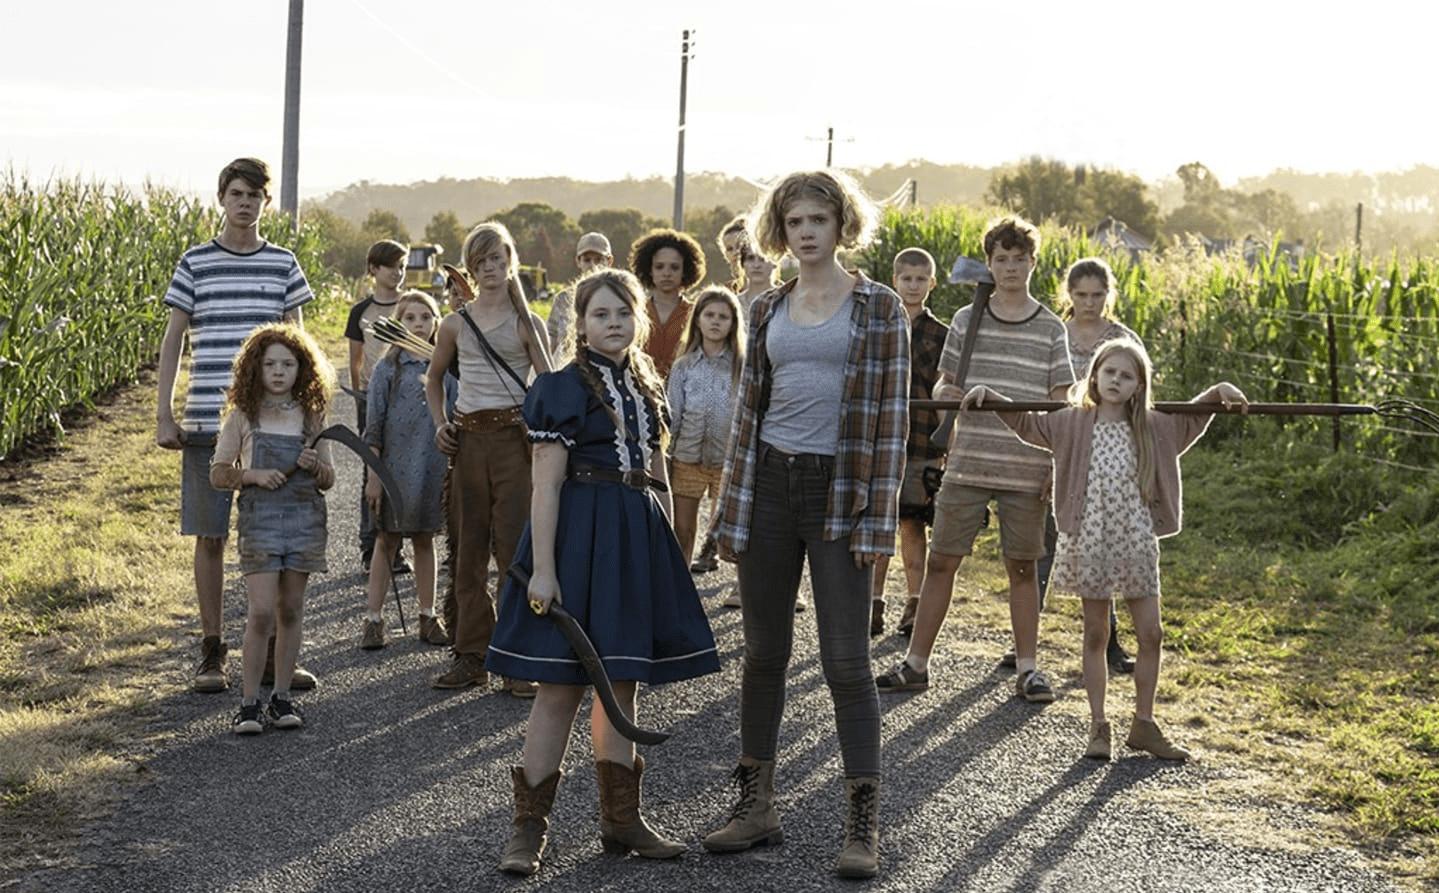 El remake de Children of the Corn revela sinopsis, póster y estreno en cines